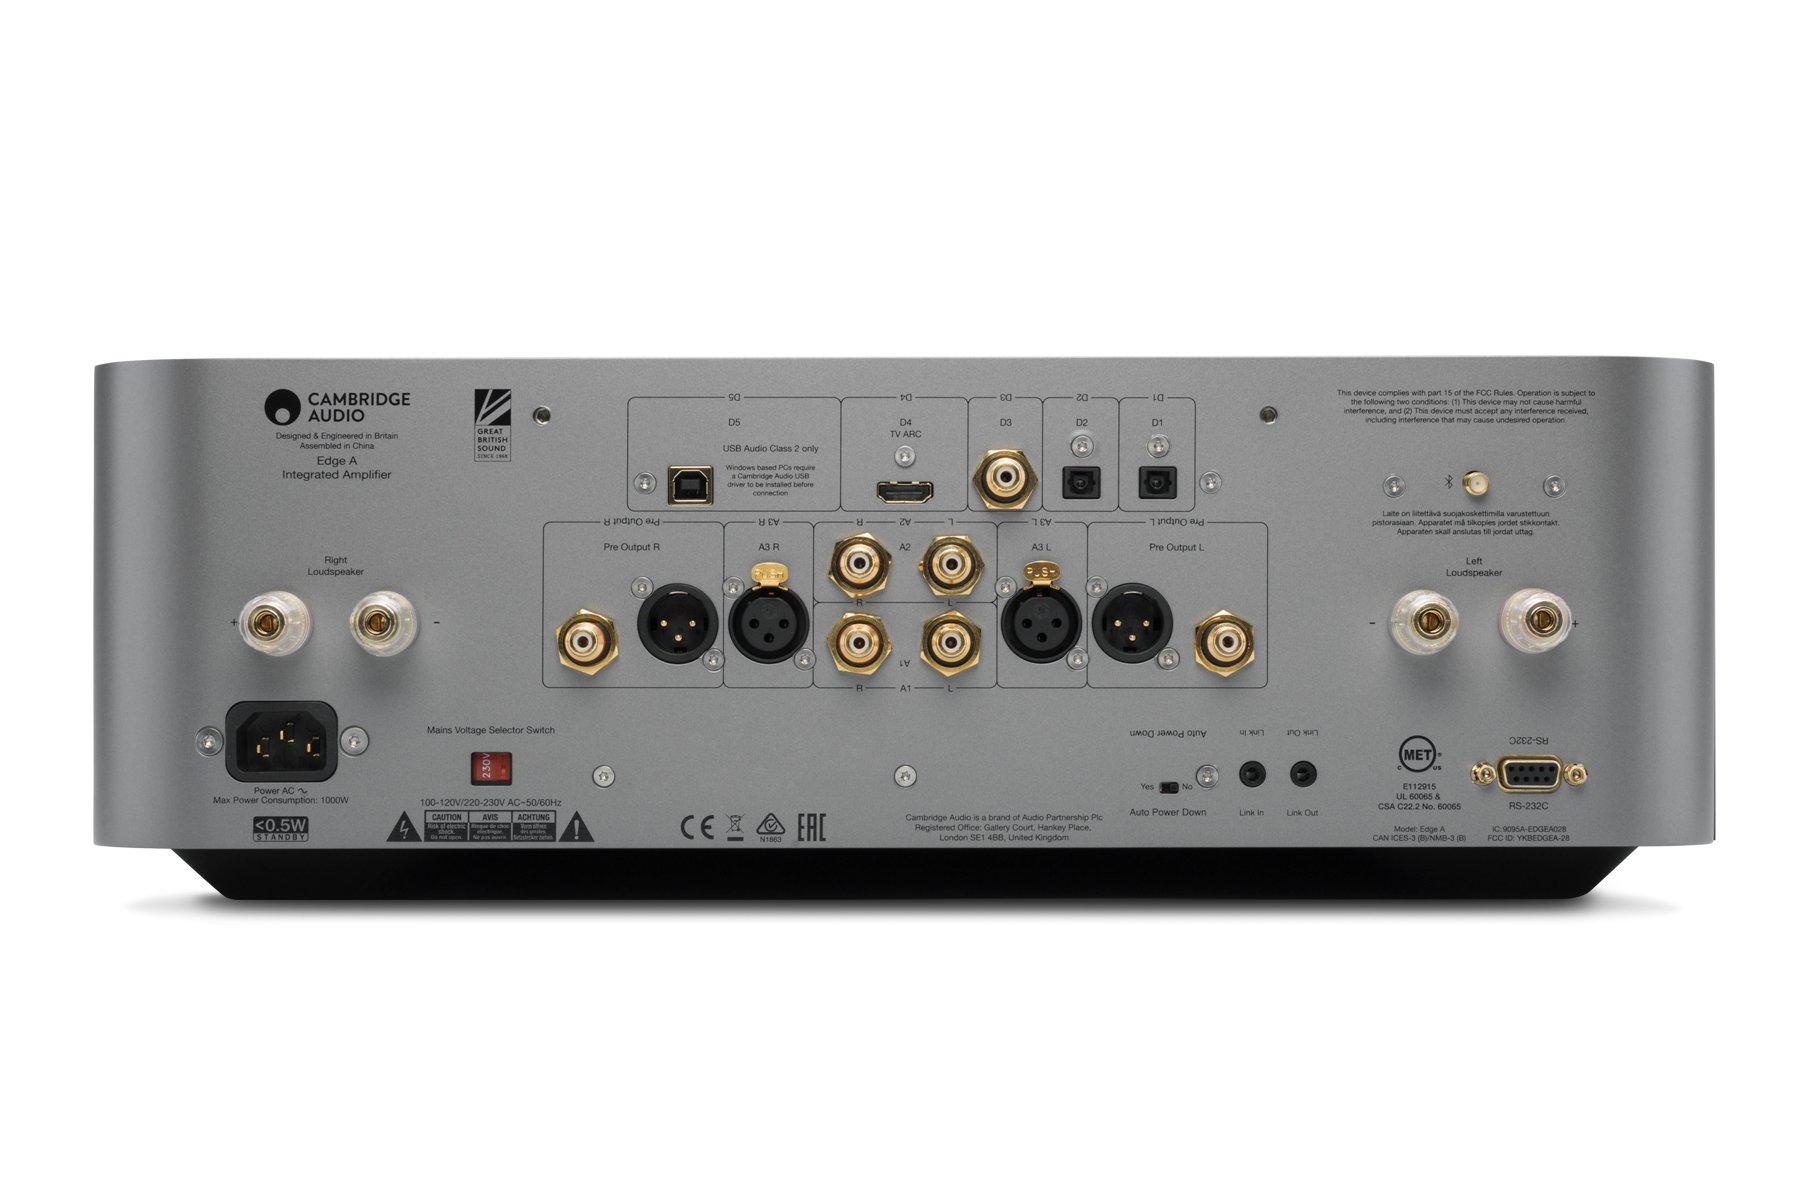 Cambridge Audio Vollverstaerker Amplifier Edge A